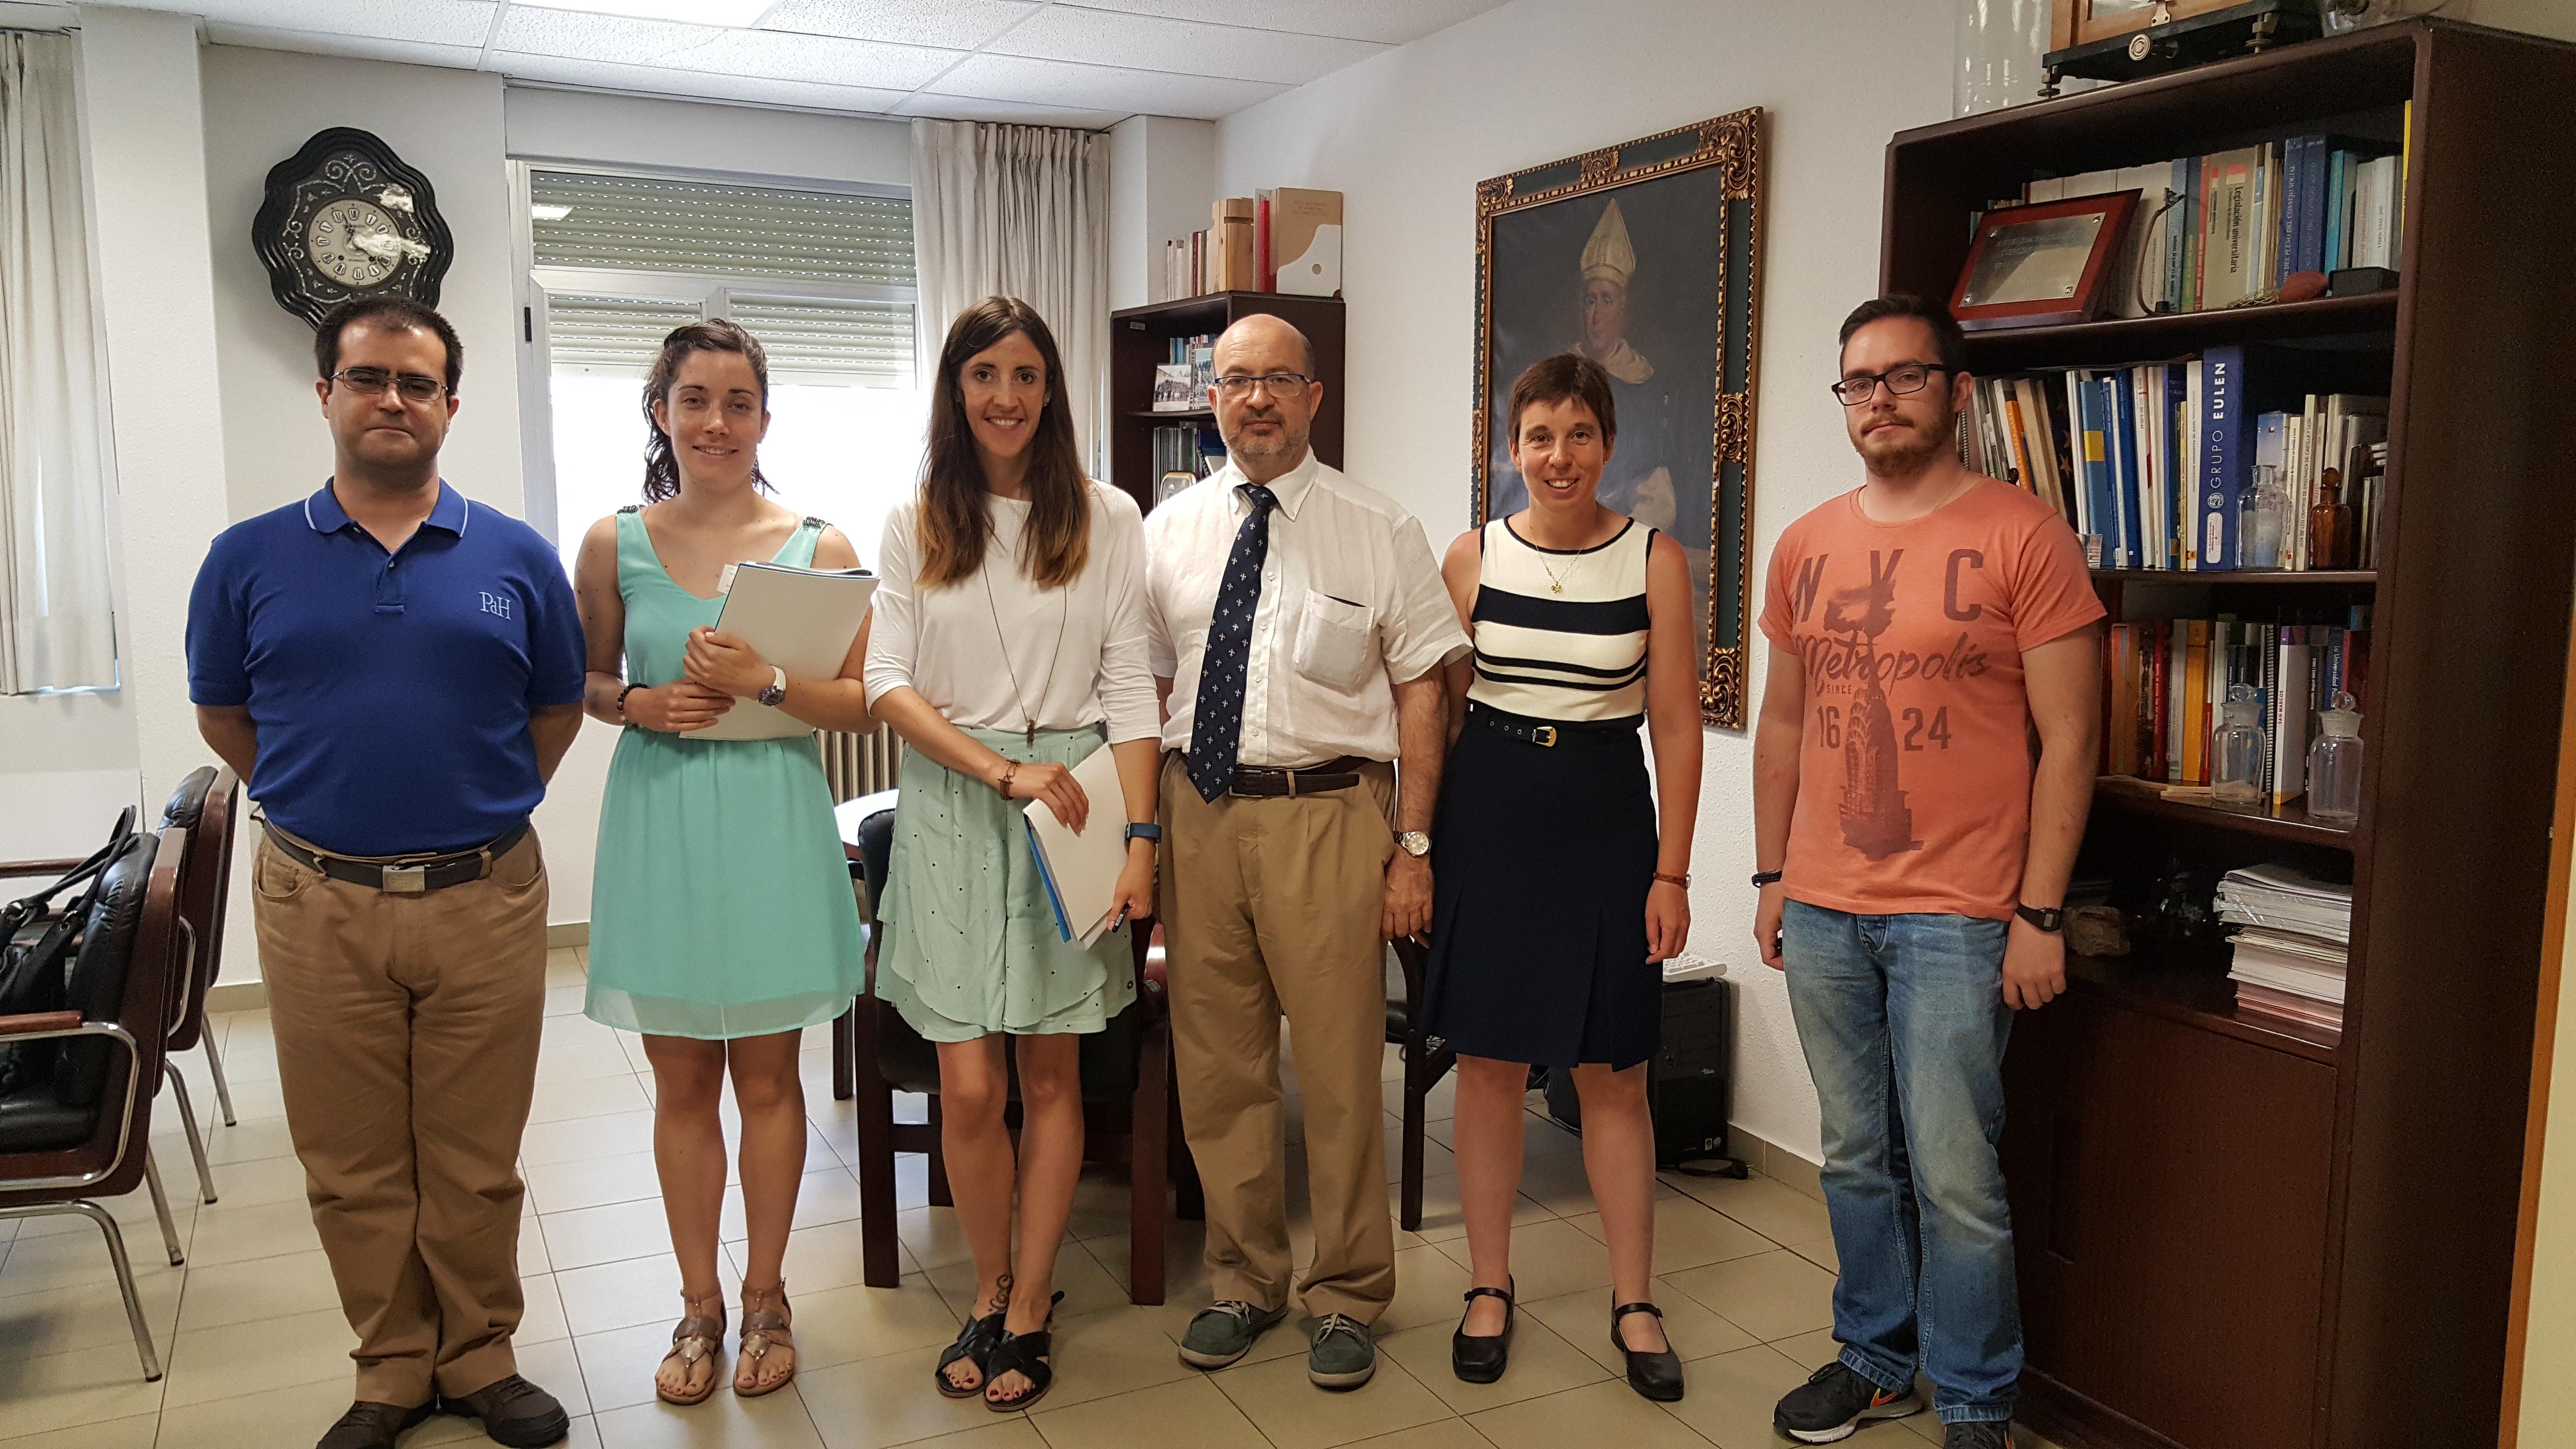 La Universidad de Salamanca, a través de su servicio de Difracción de Rayos X, e Idifarma se unen en el marco de la colaboración Universidad-Empresa